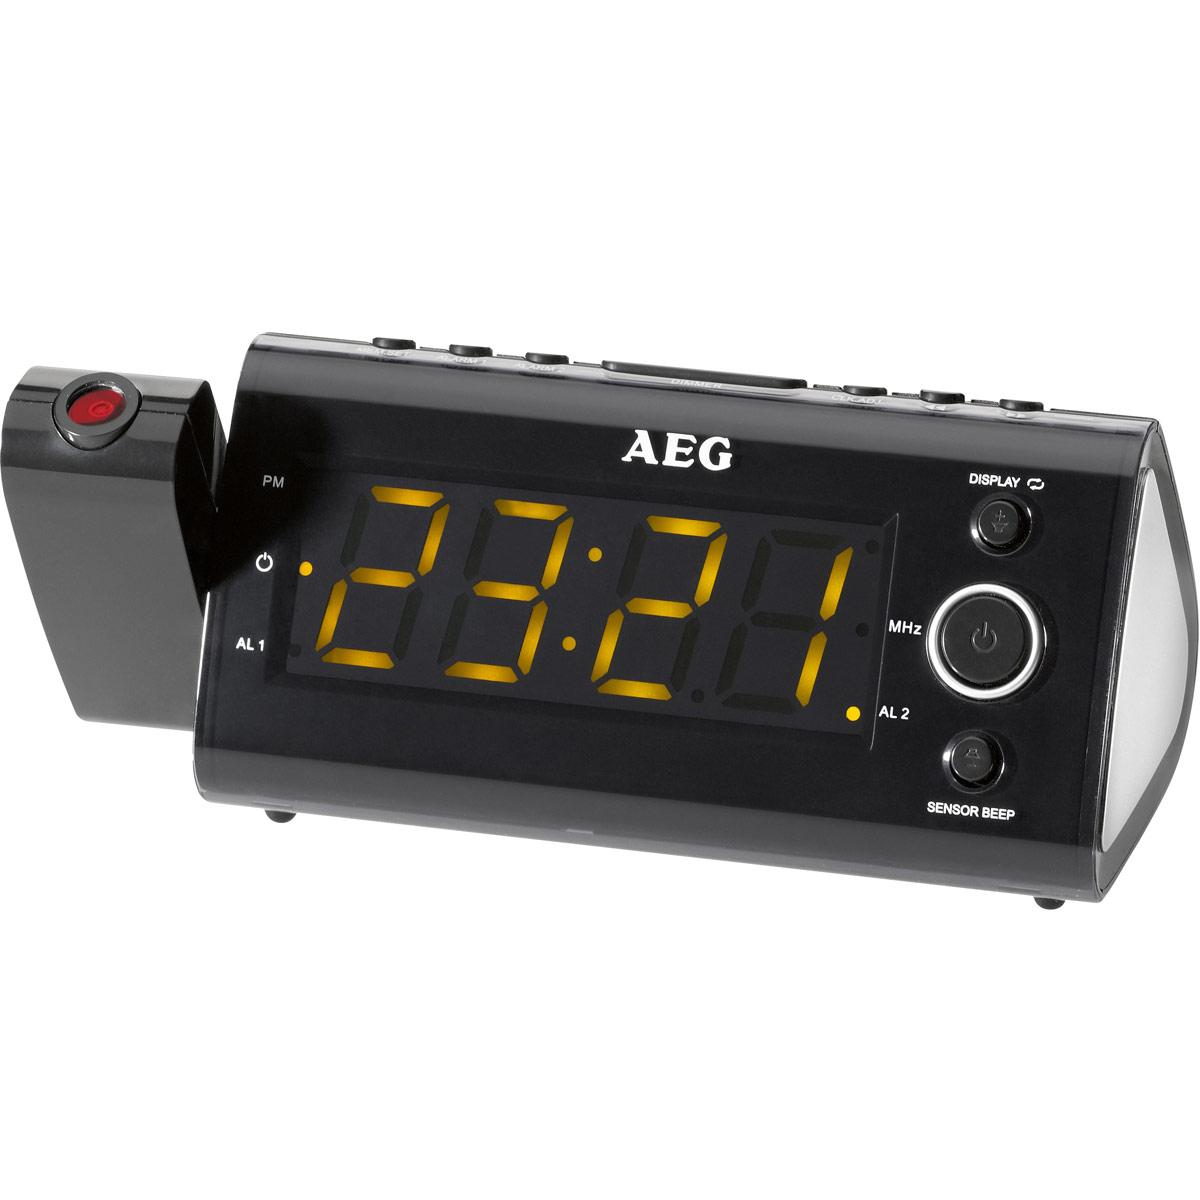 AEG MRC 4121 P Sensor, Black радиочасыMRC 4121 P schwarzРадиобудильник AEG MRC 4121 P с интегрированным инфракрасным датчиком. С помощью интегрированного инфракрасного датчика можно управлять такими функциями, как таймер автоматического отключения, спящий режим, смена индикации температуры в помещении, будильника, времени и радиочастоты путем простого взмаха над датчиком.Индикация датыИндикация температуры и часовПоворотный проектор 180° с возможностью фокусировкиСветодиодный дисплей размером около 11 см, с оранжевой подсветкойИнтегрированный инфракрасный датчик для бесконтактного управленияЦифровая индикация частоты настройки, 10 ячеек памяти для запоминания радиостанций, дипольная антеннаРезервное питание для часов при отключении питания сетиРезервное питание для часов: часовая батарея CR 2032 (батарея в комплект поставки не входит)